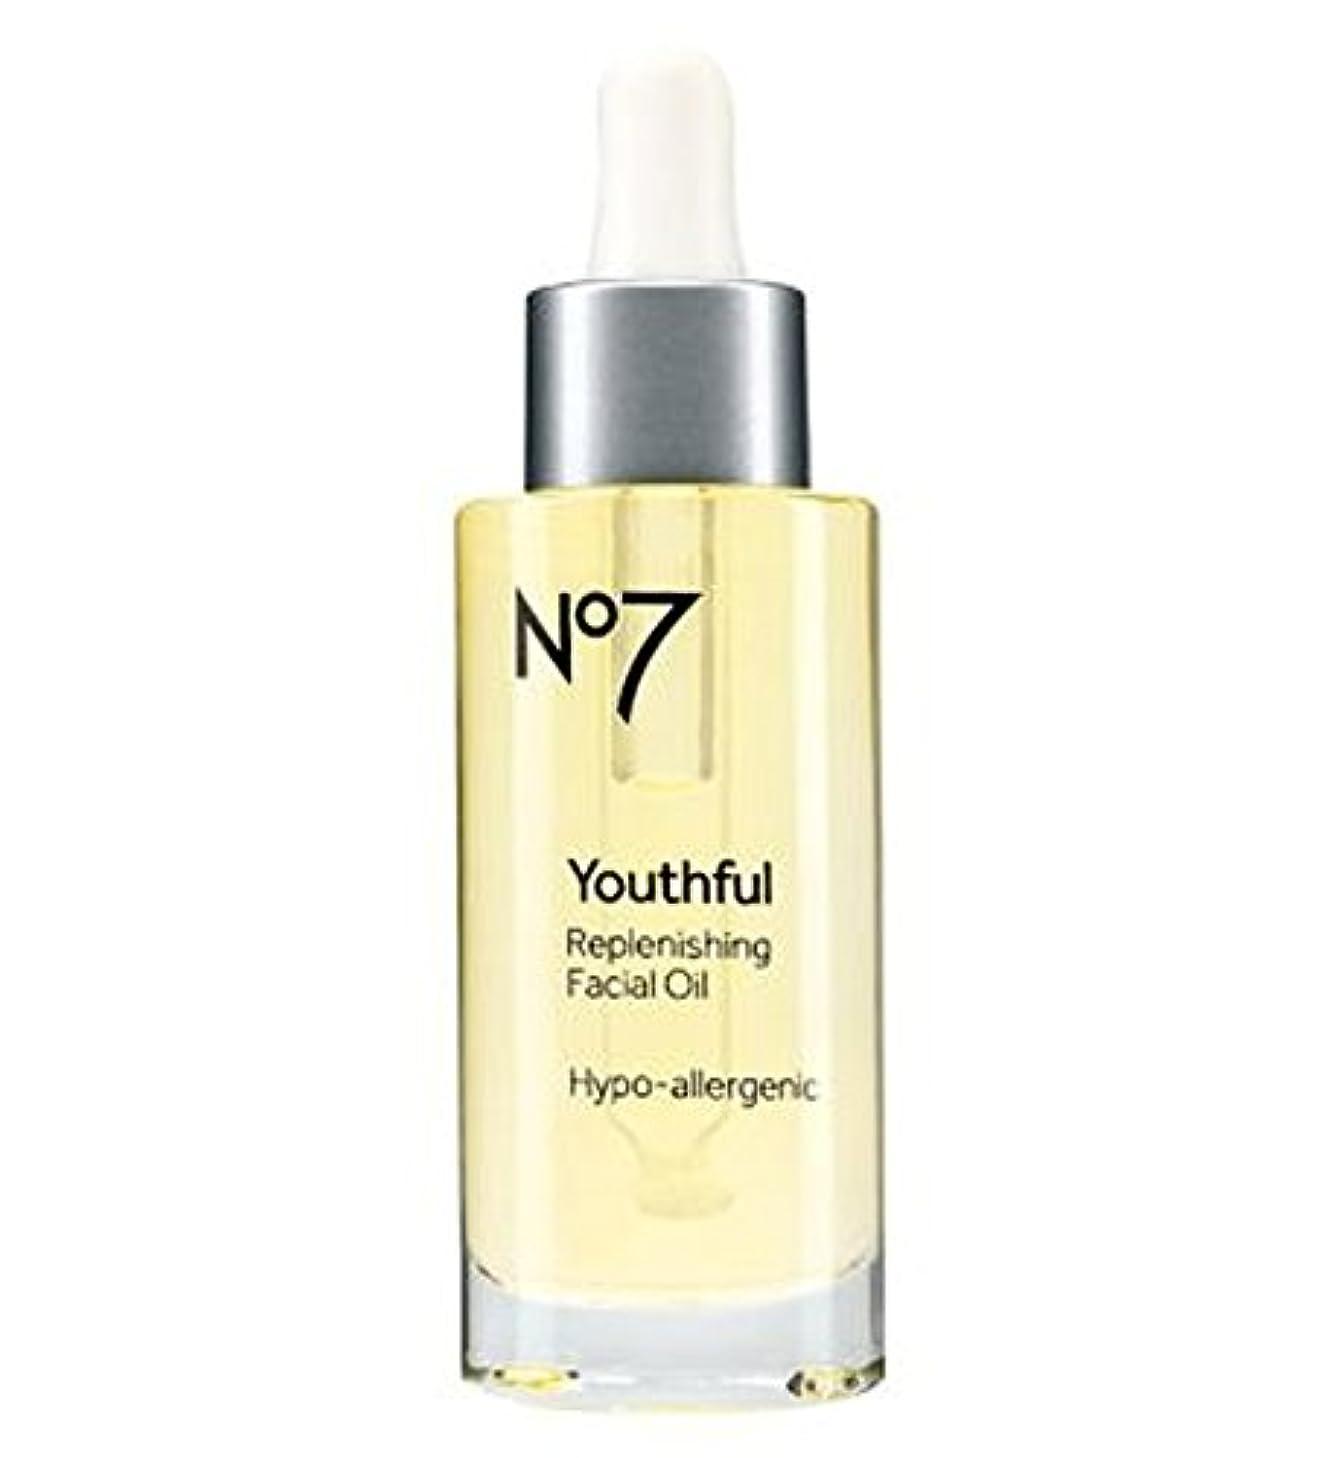 成功した細断メインNo7 Youthful Replenishing Facial Oil 30ml - No7若々しい補給フェイシャルオイル30ミリリットル (No7) [並行輸入品]